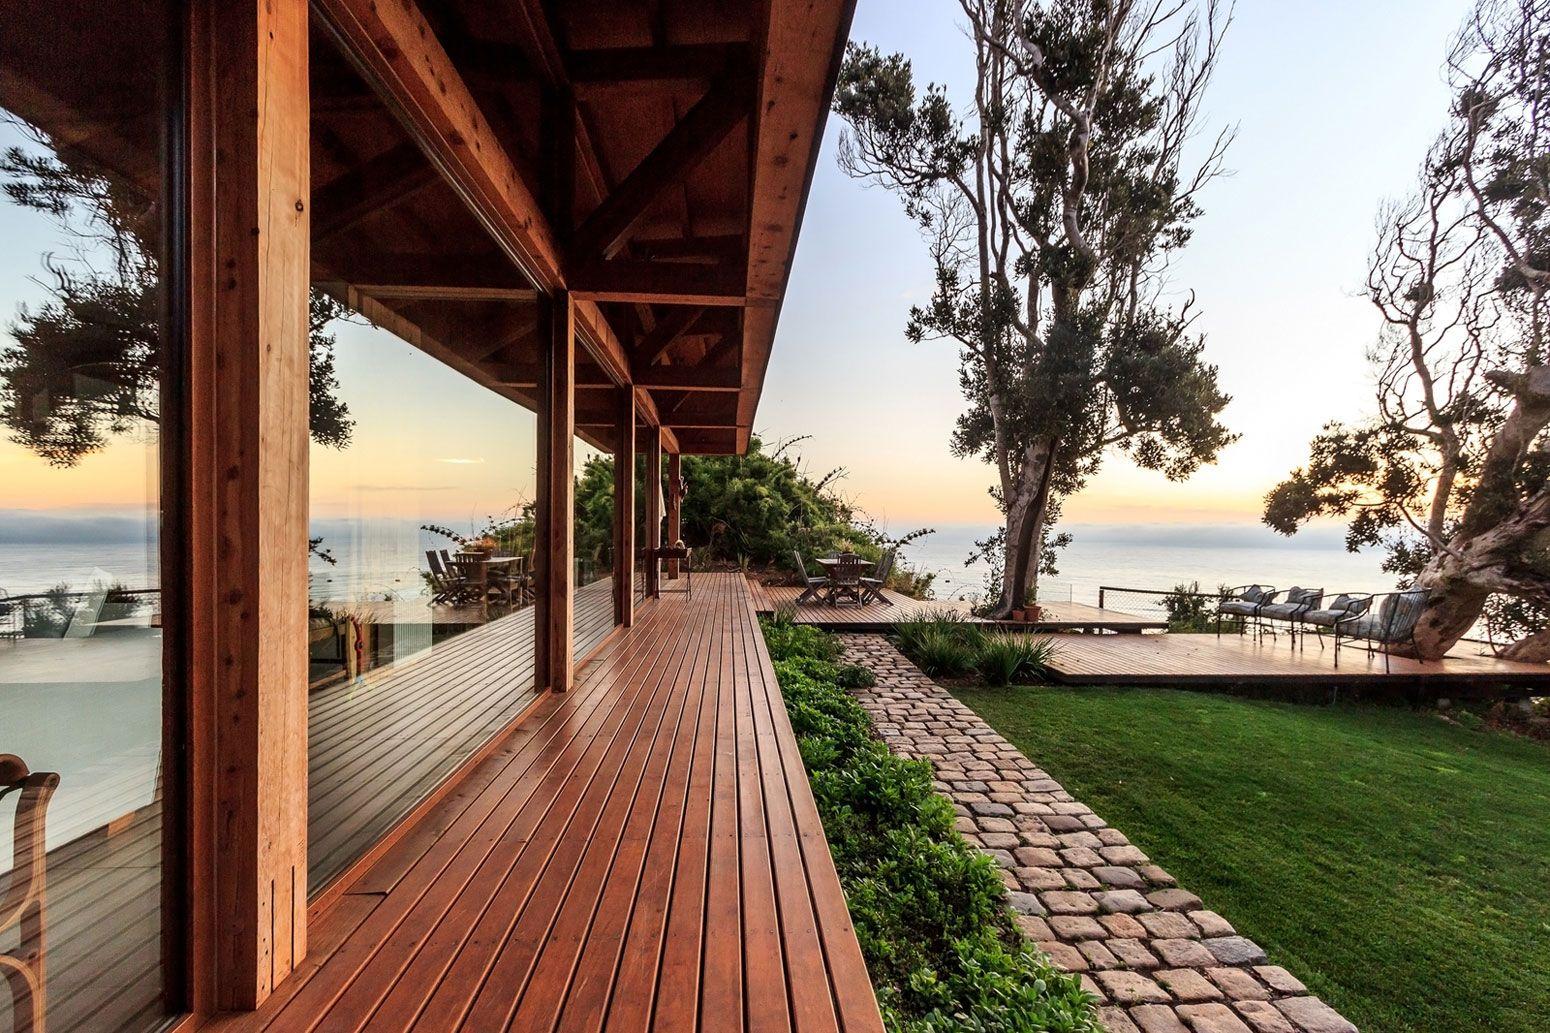 Las Escaleras Country House by Prado Arquitectos (7)